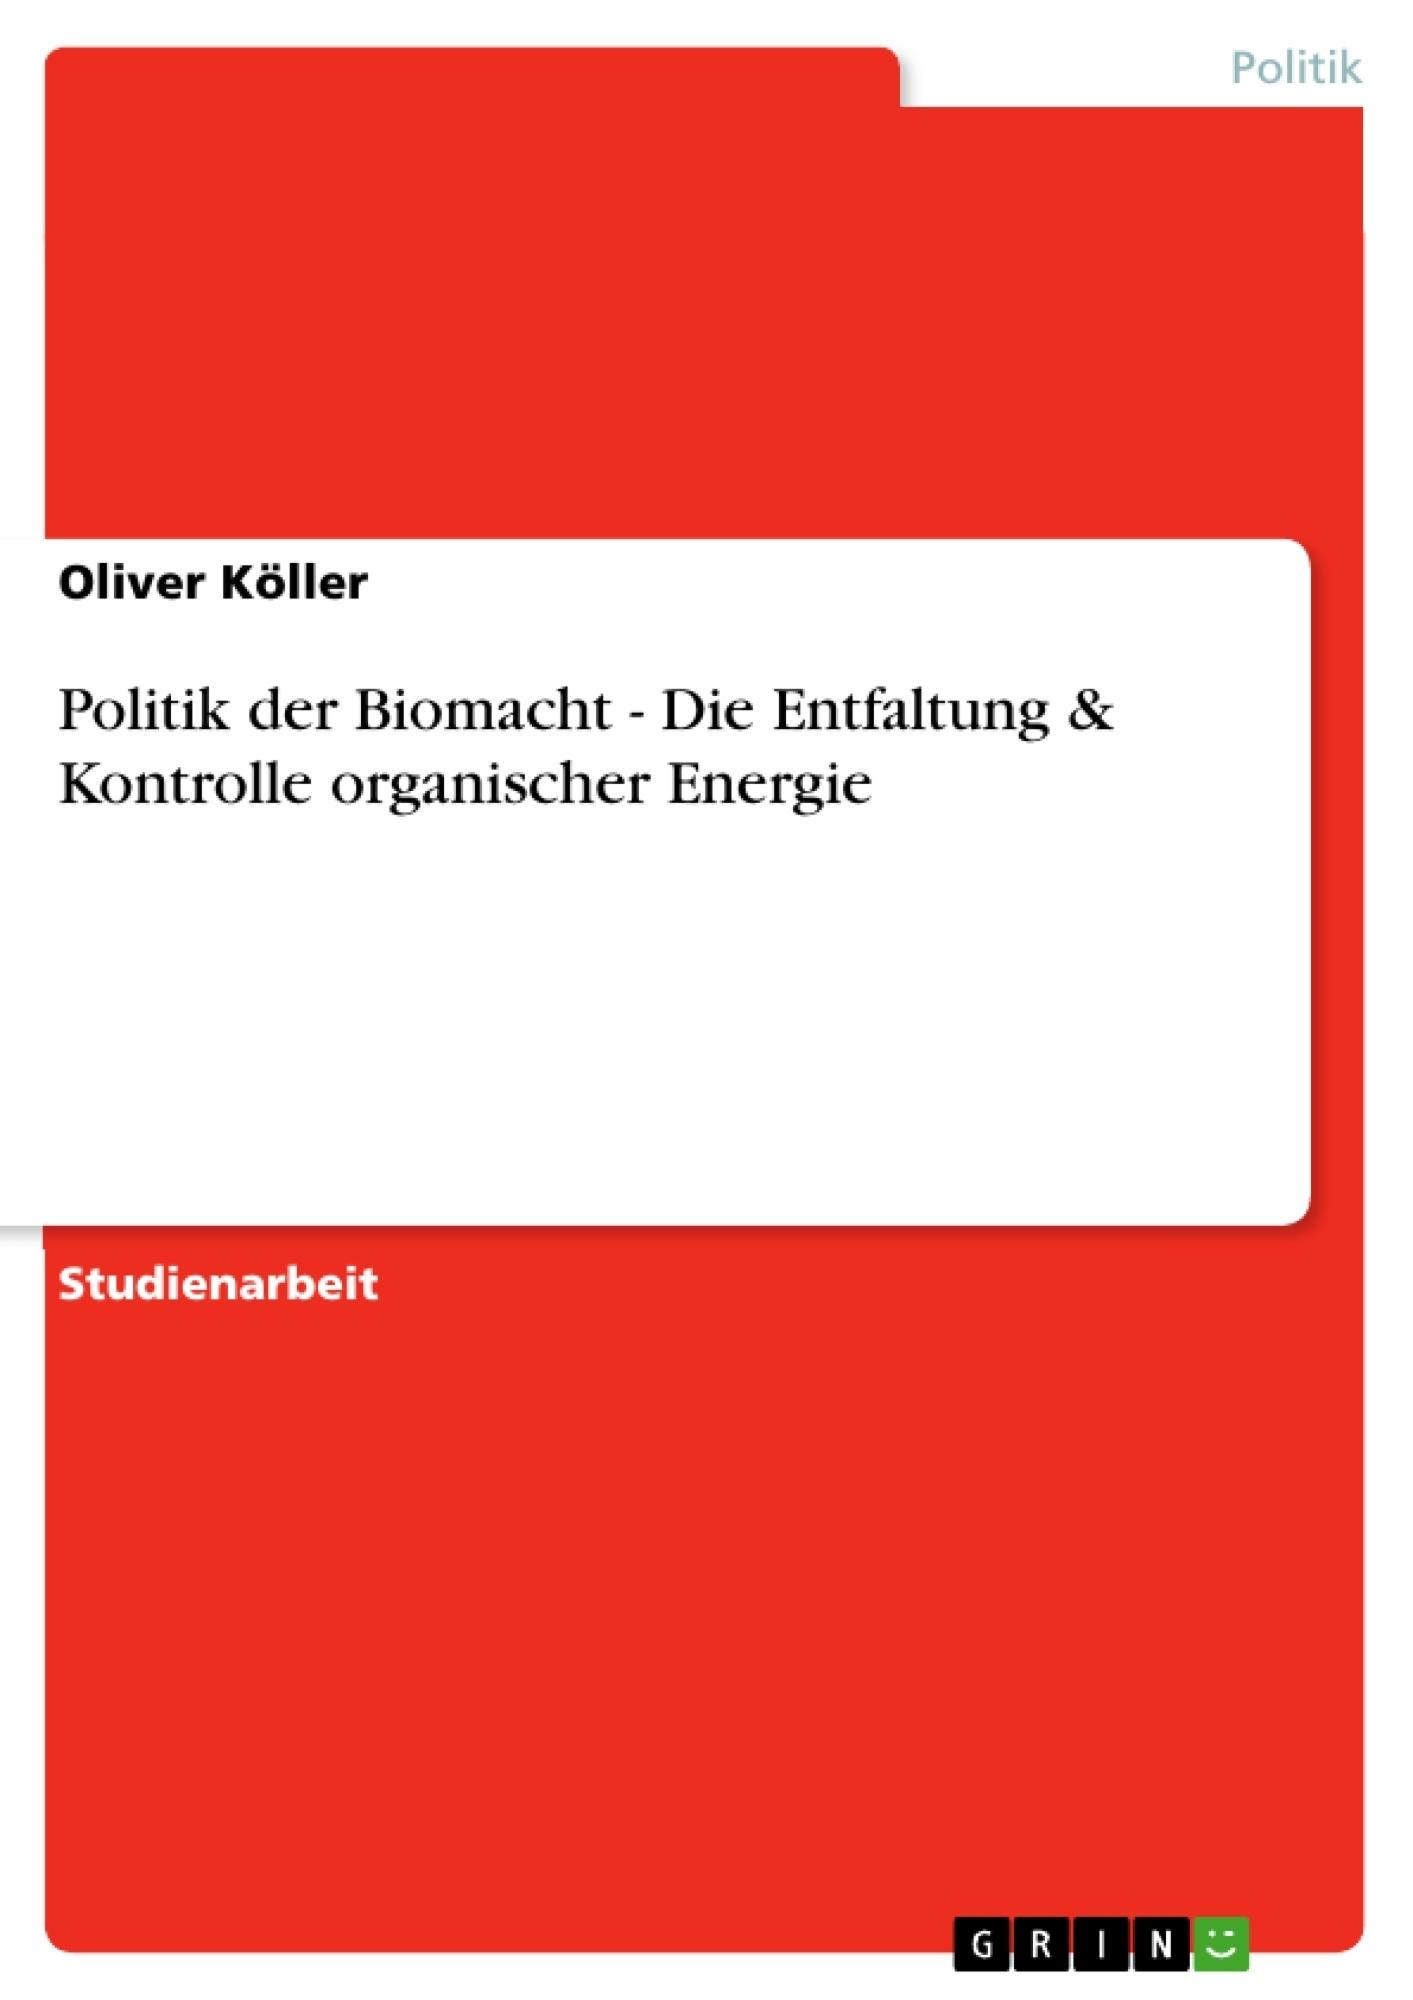 Titel: Politik der Biomacht - Die Entfaltung & Kontrolle organischer Energie